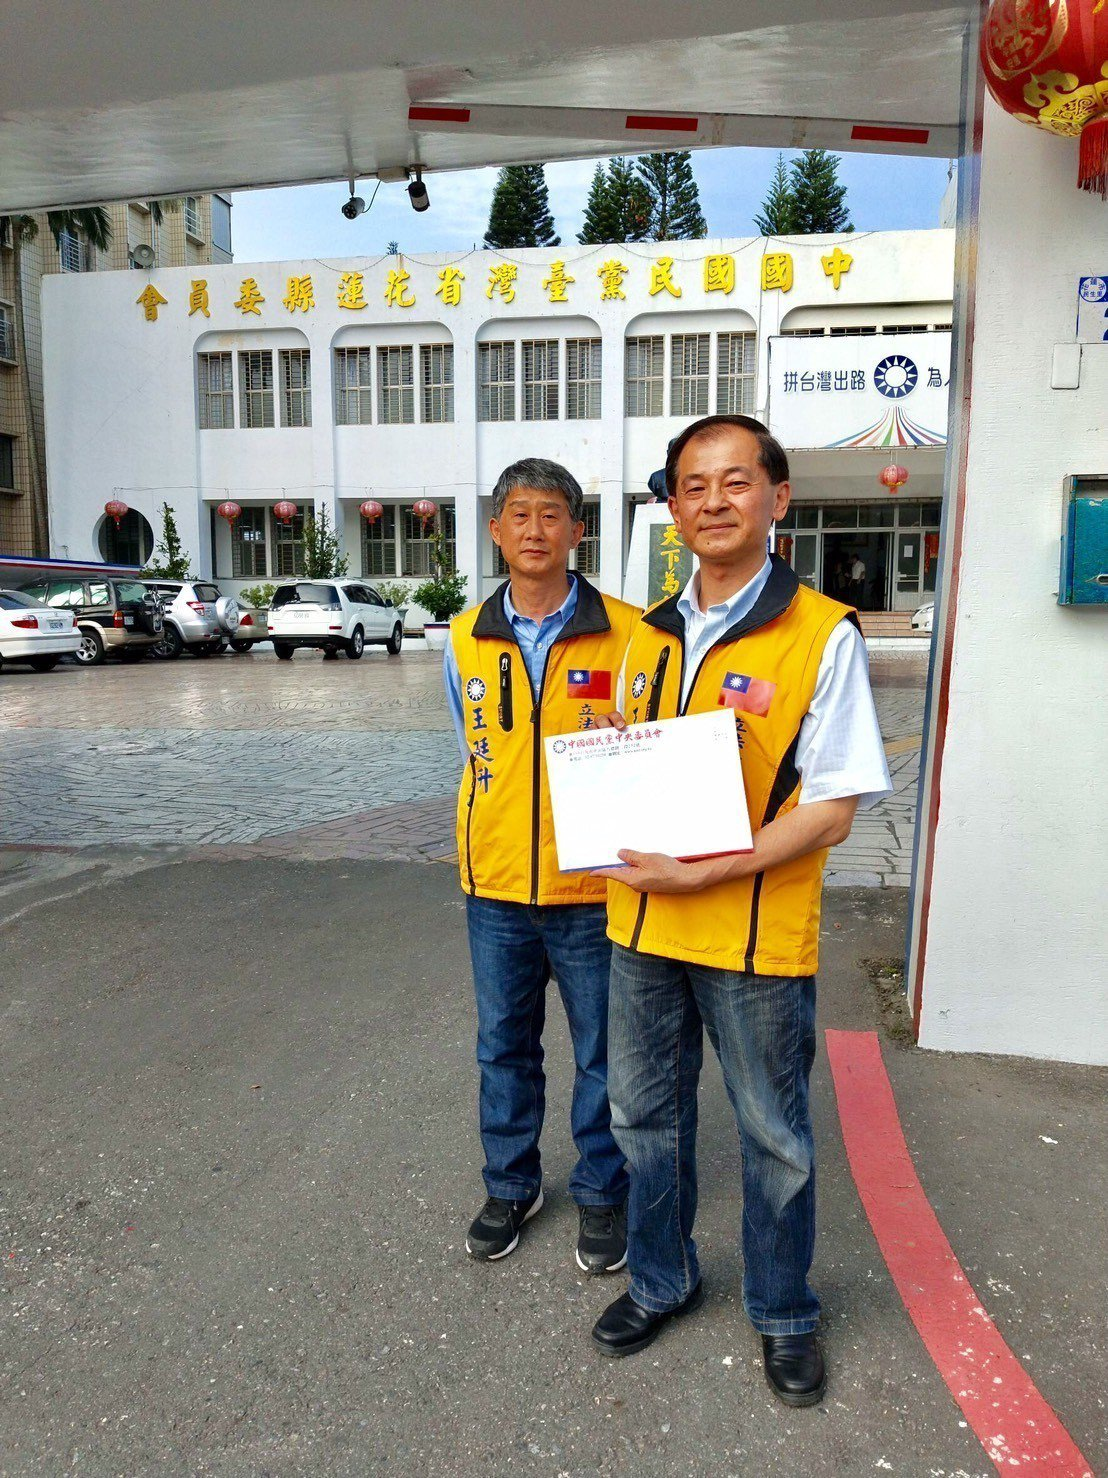 前立委王廷升(右)今天將登記的資料、費用繳付縣黨部,呼籲黨部儘早以公平公開公正為...